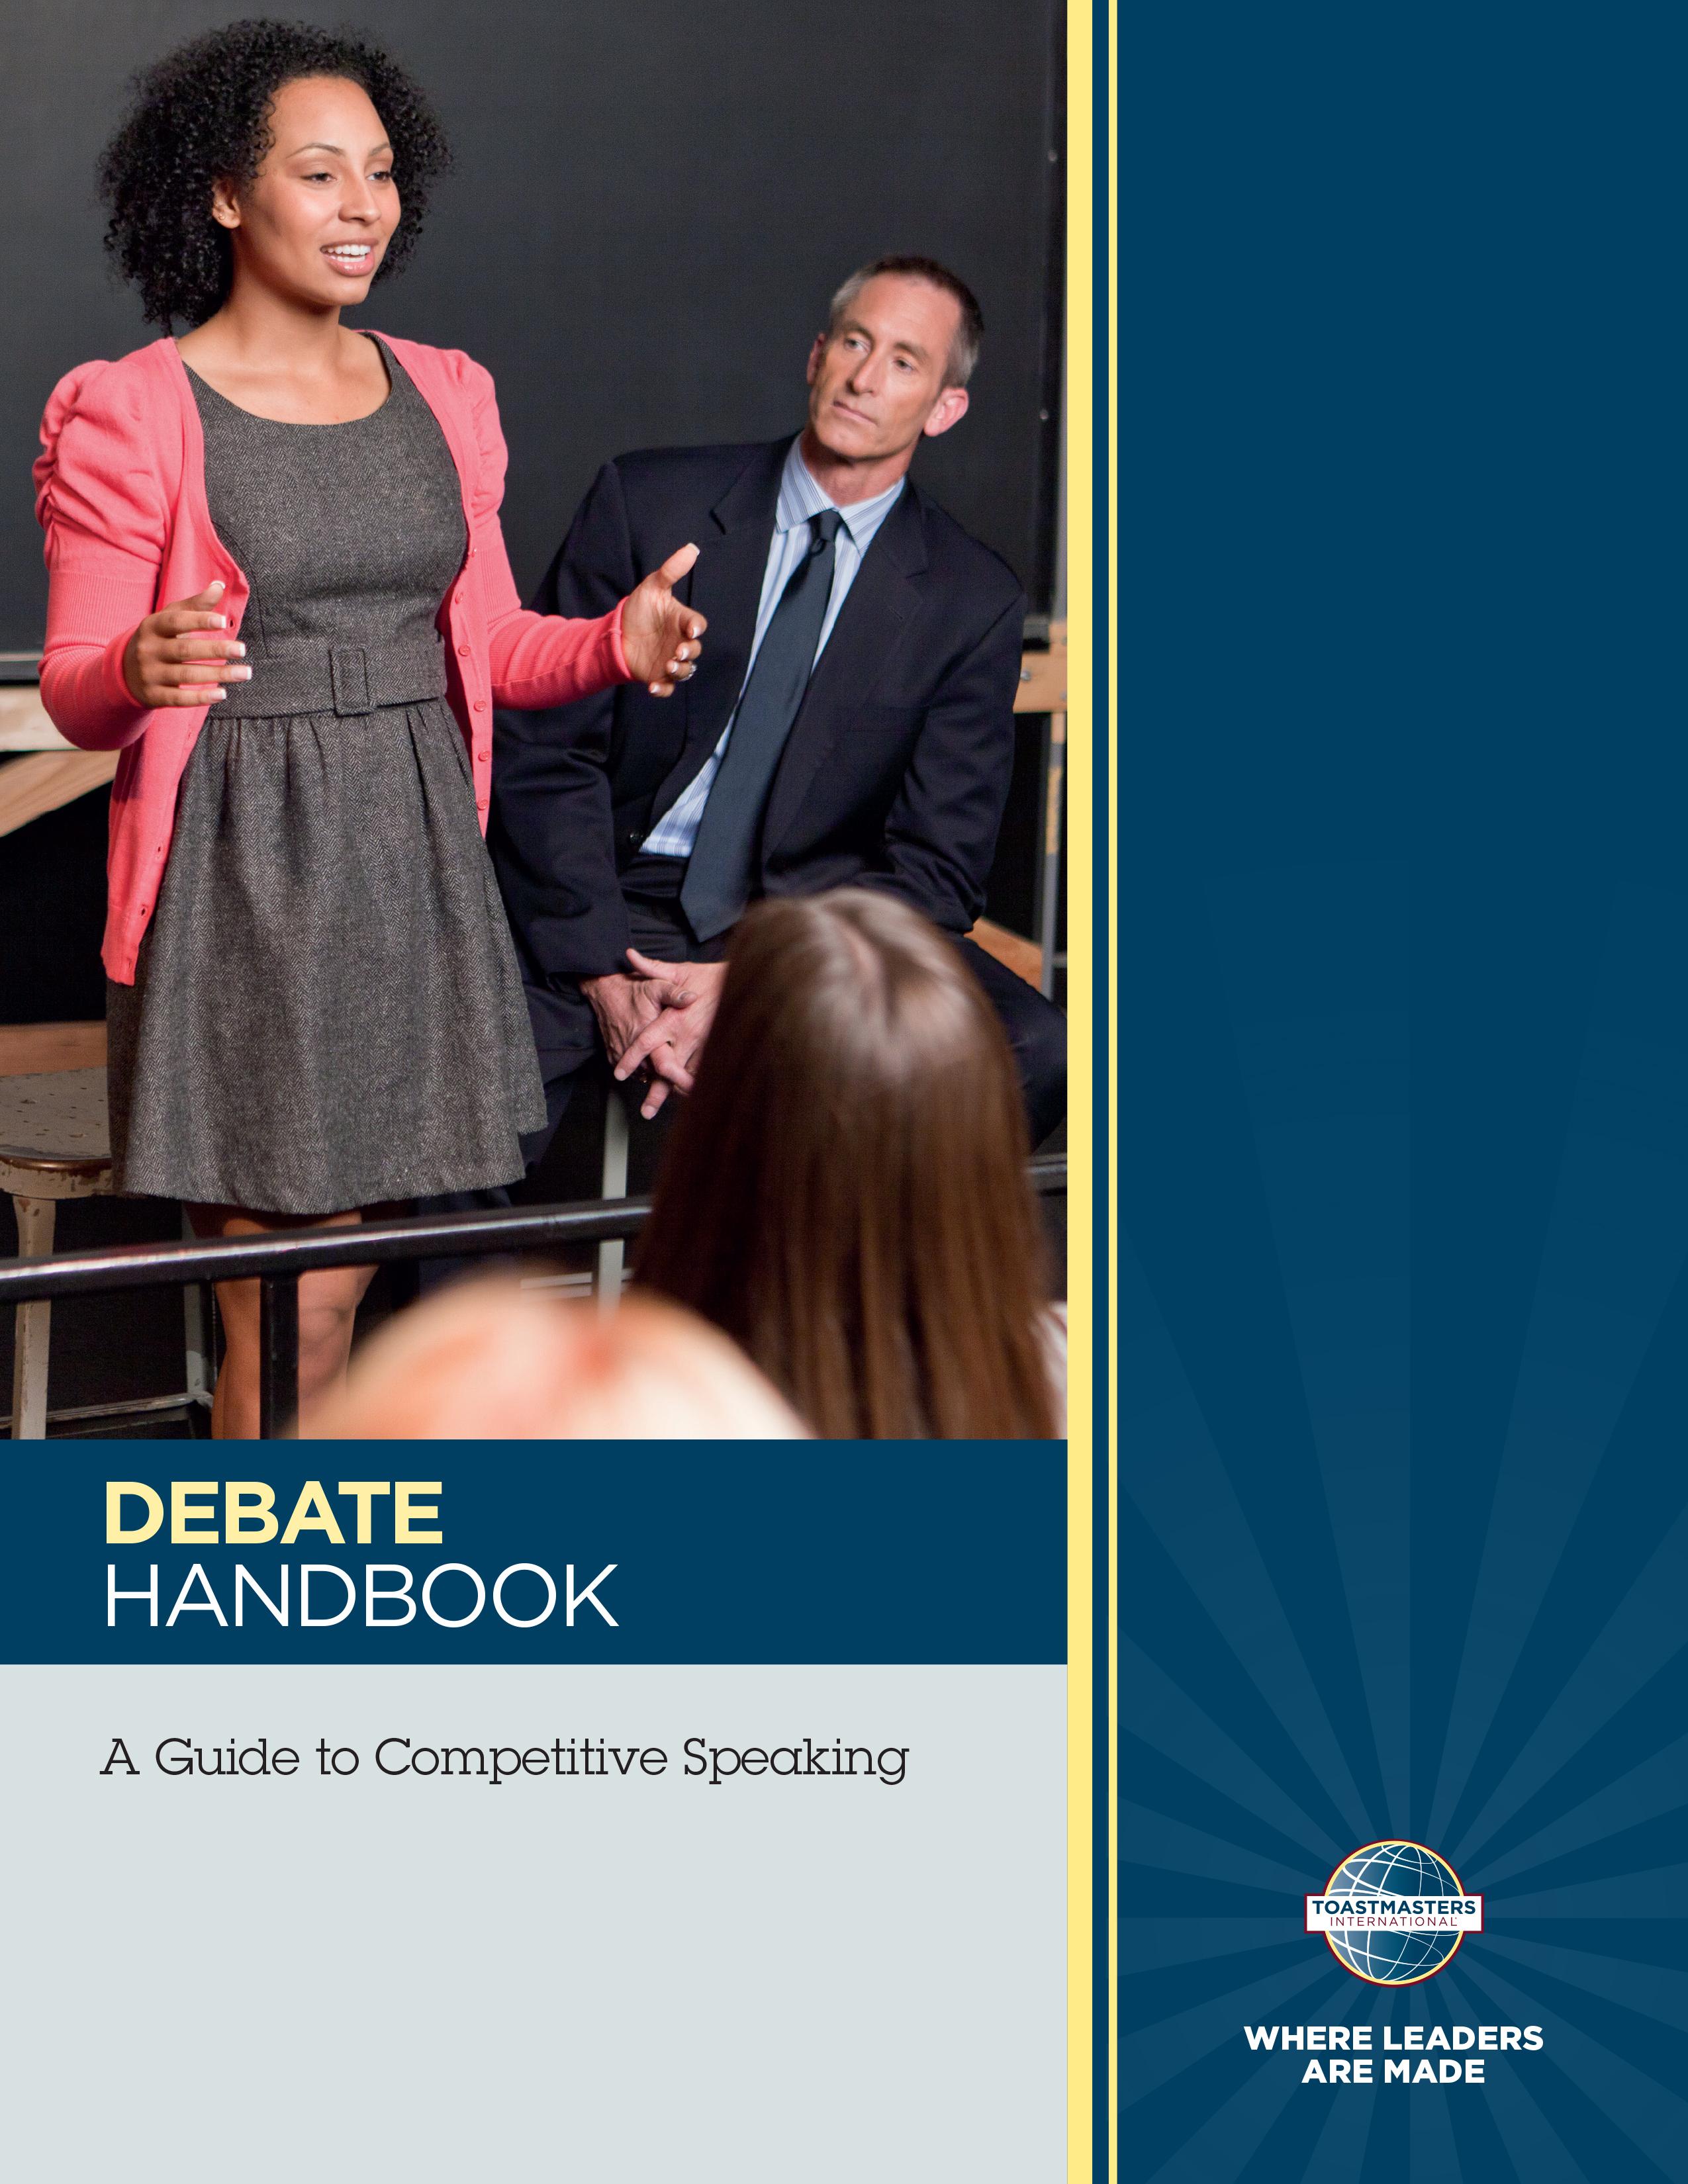 Debate Handbook